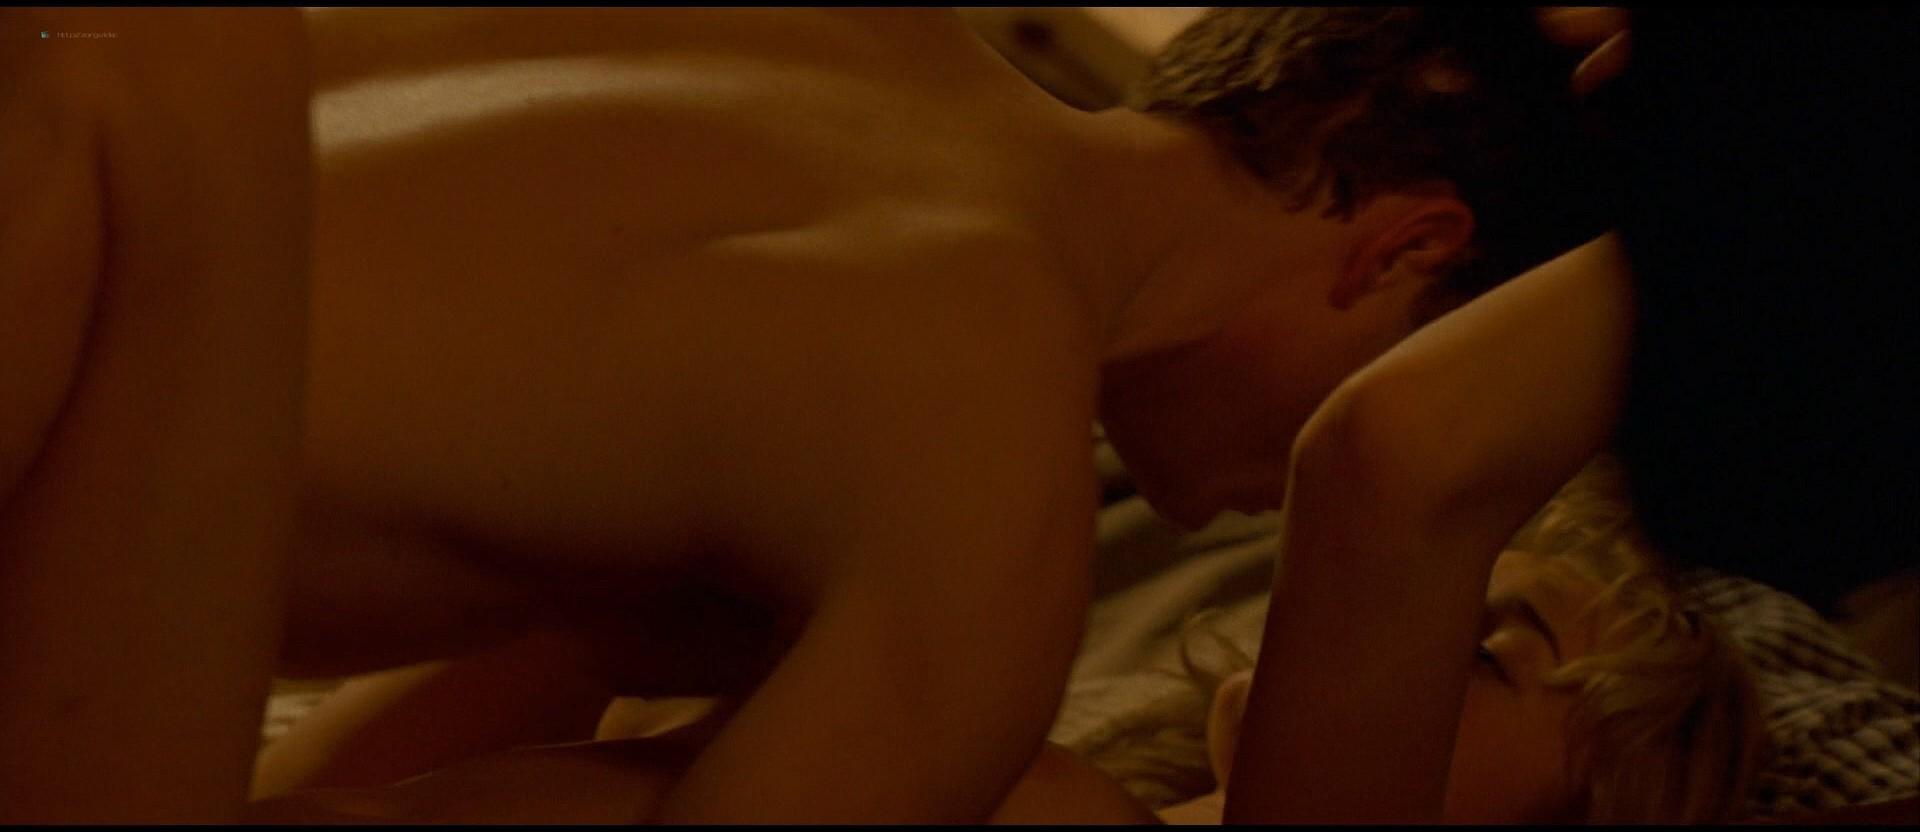 Rebecca romijn nude scene in godsend